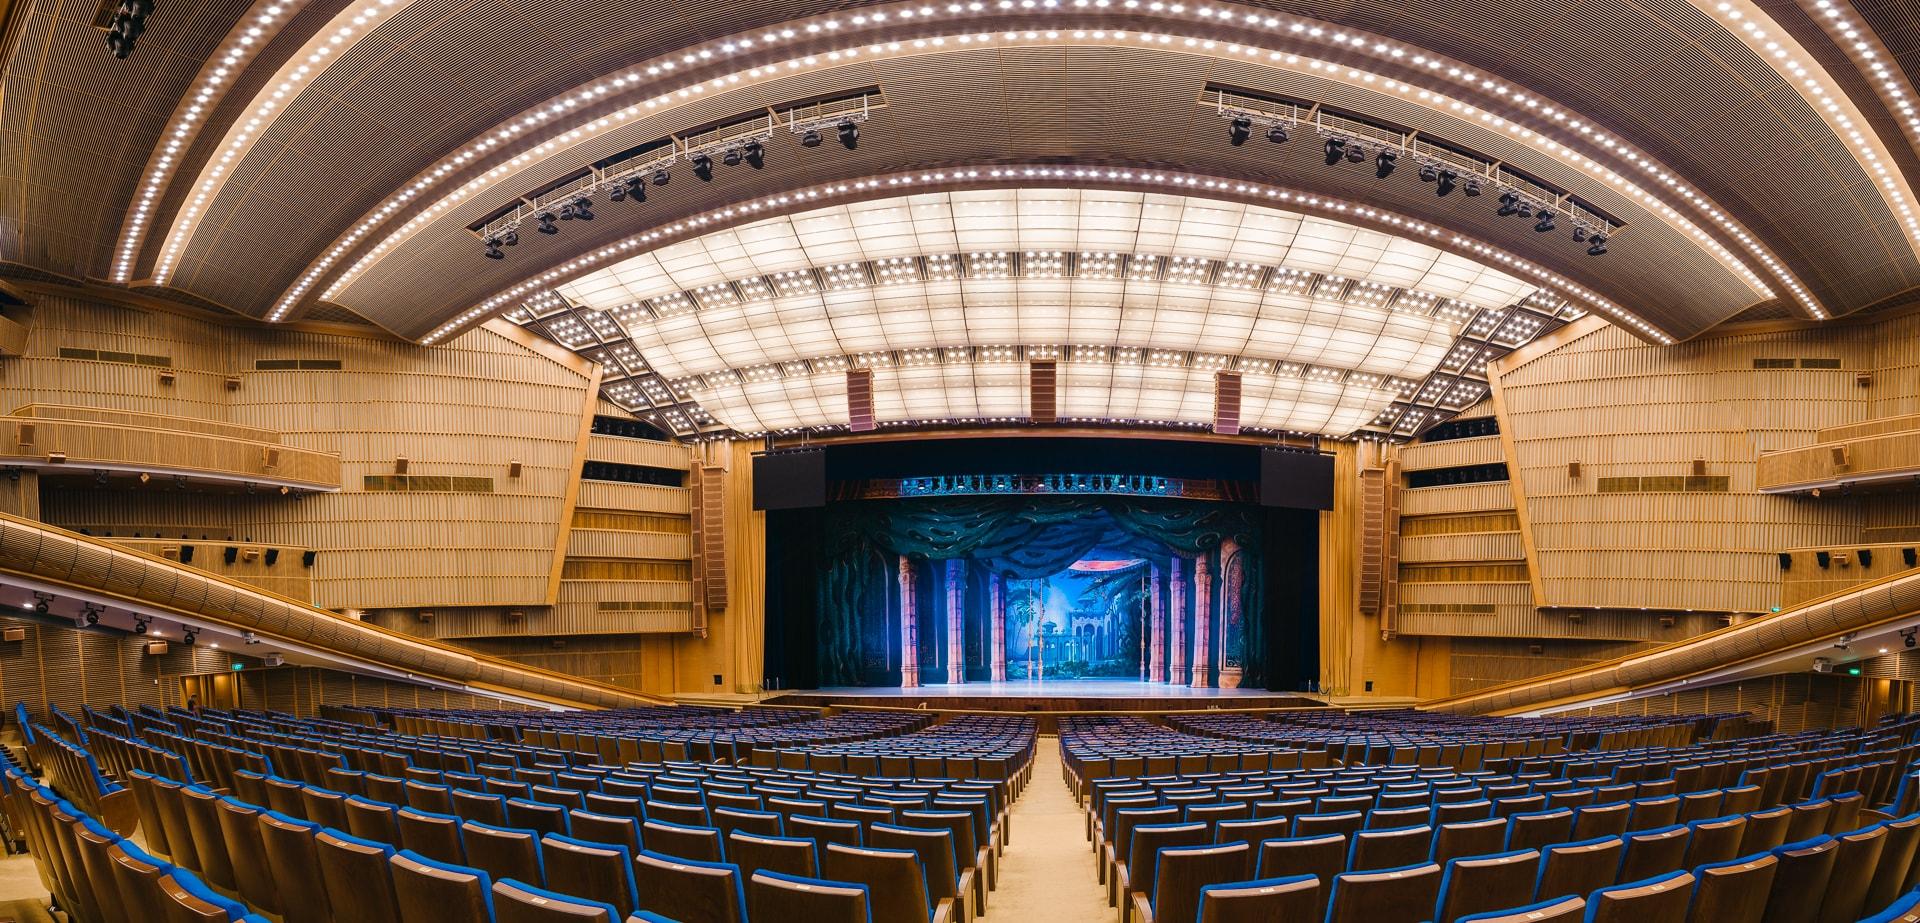 Фото из зала кремлевского дворца